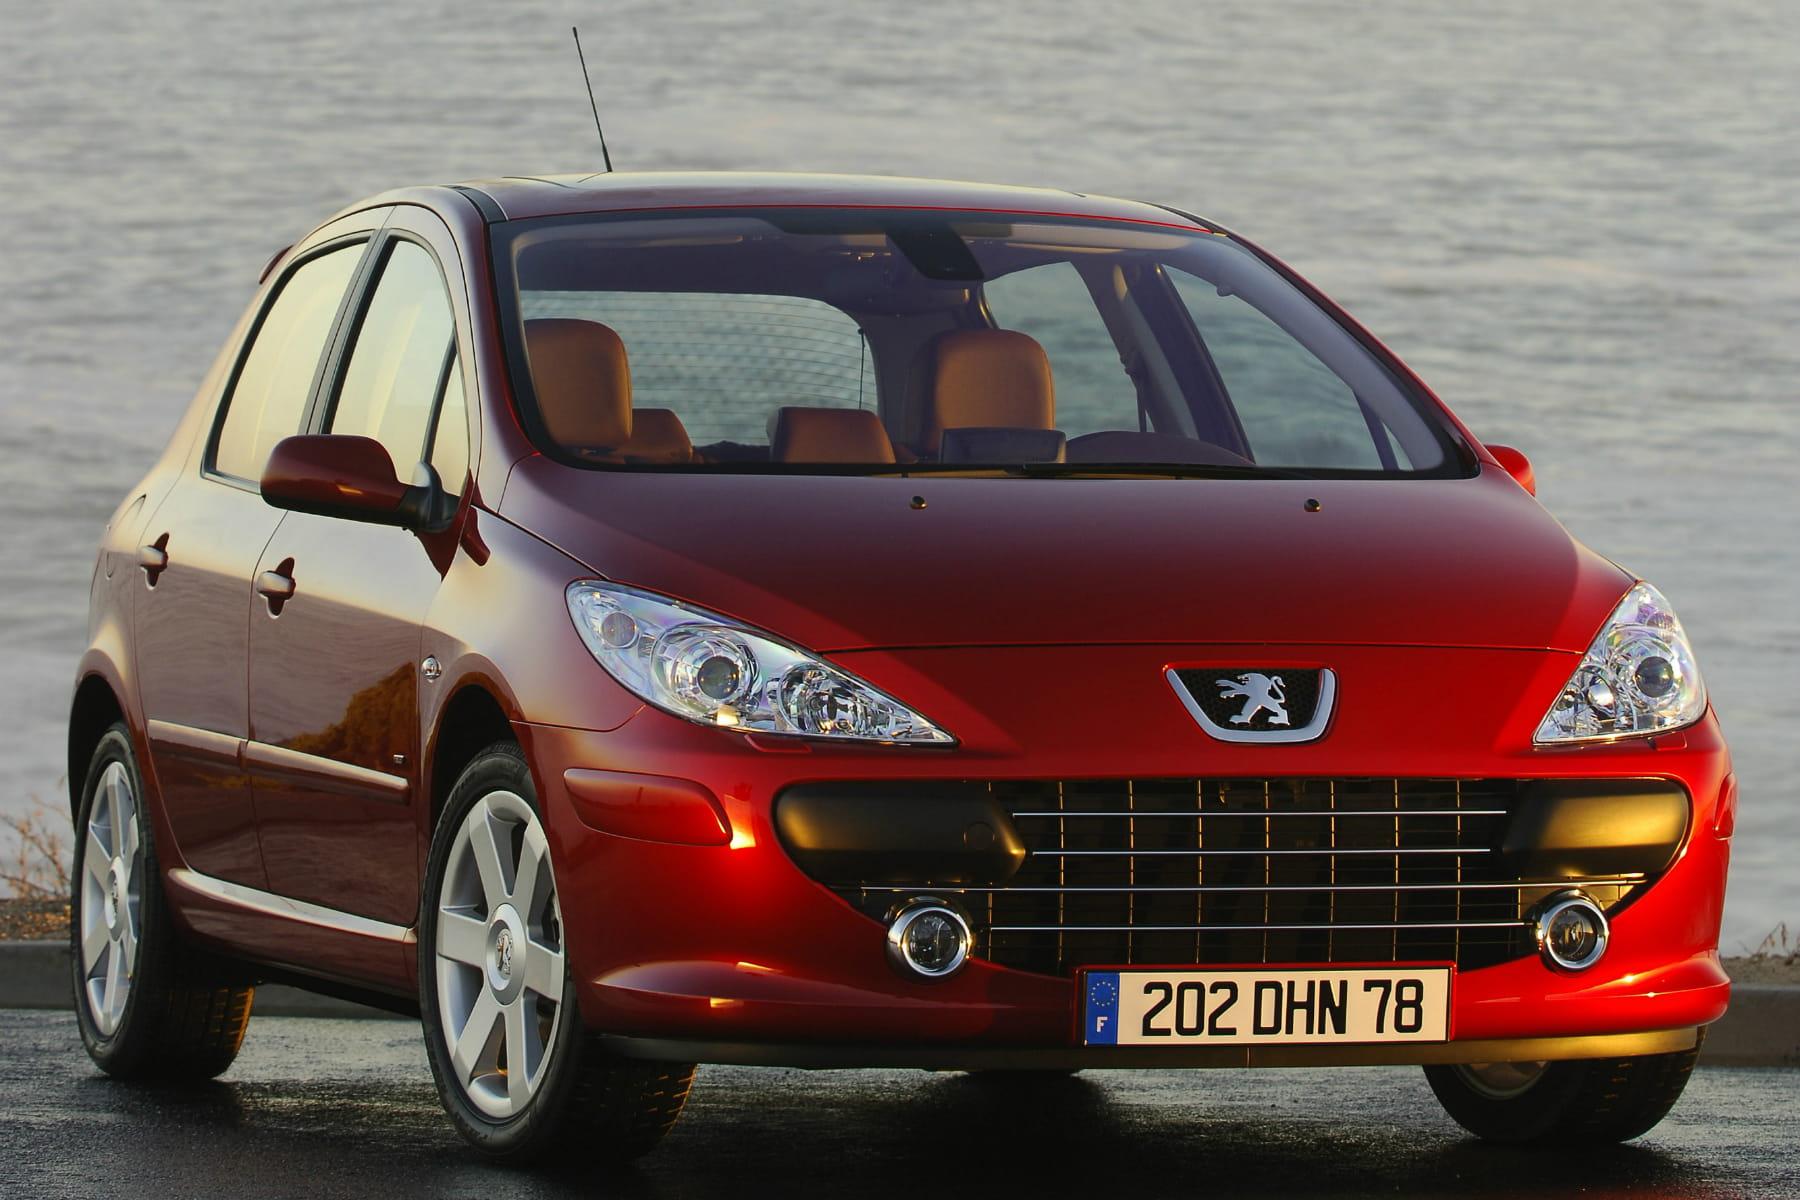 9e peugeot 307 occasion le top 10 des voitures les plus vendues linternaute. Black Bedroom Furniture Sets. Home Design Ideas